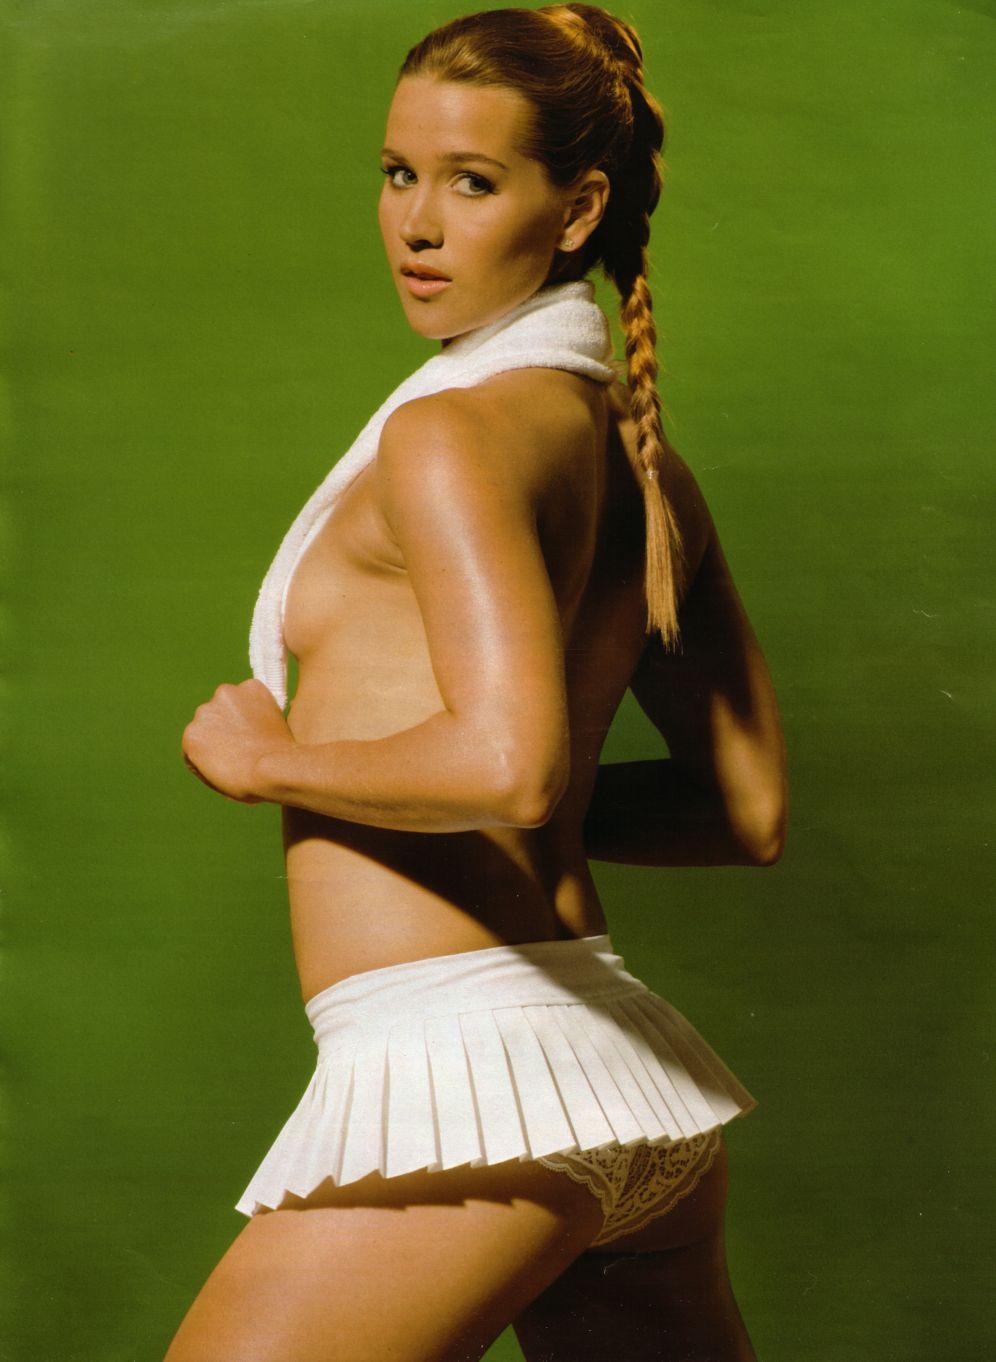 Знаменитые голые теннисистки